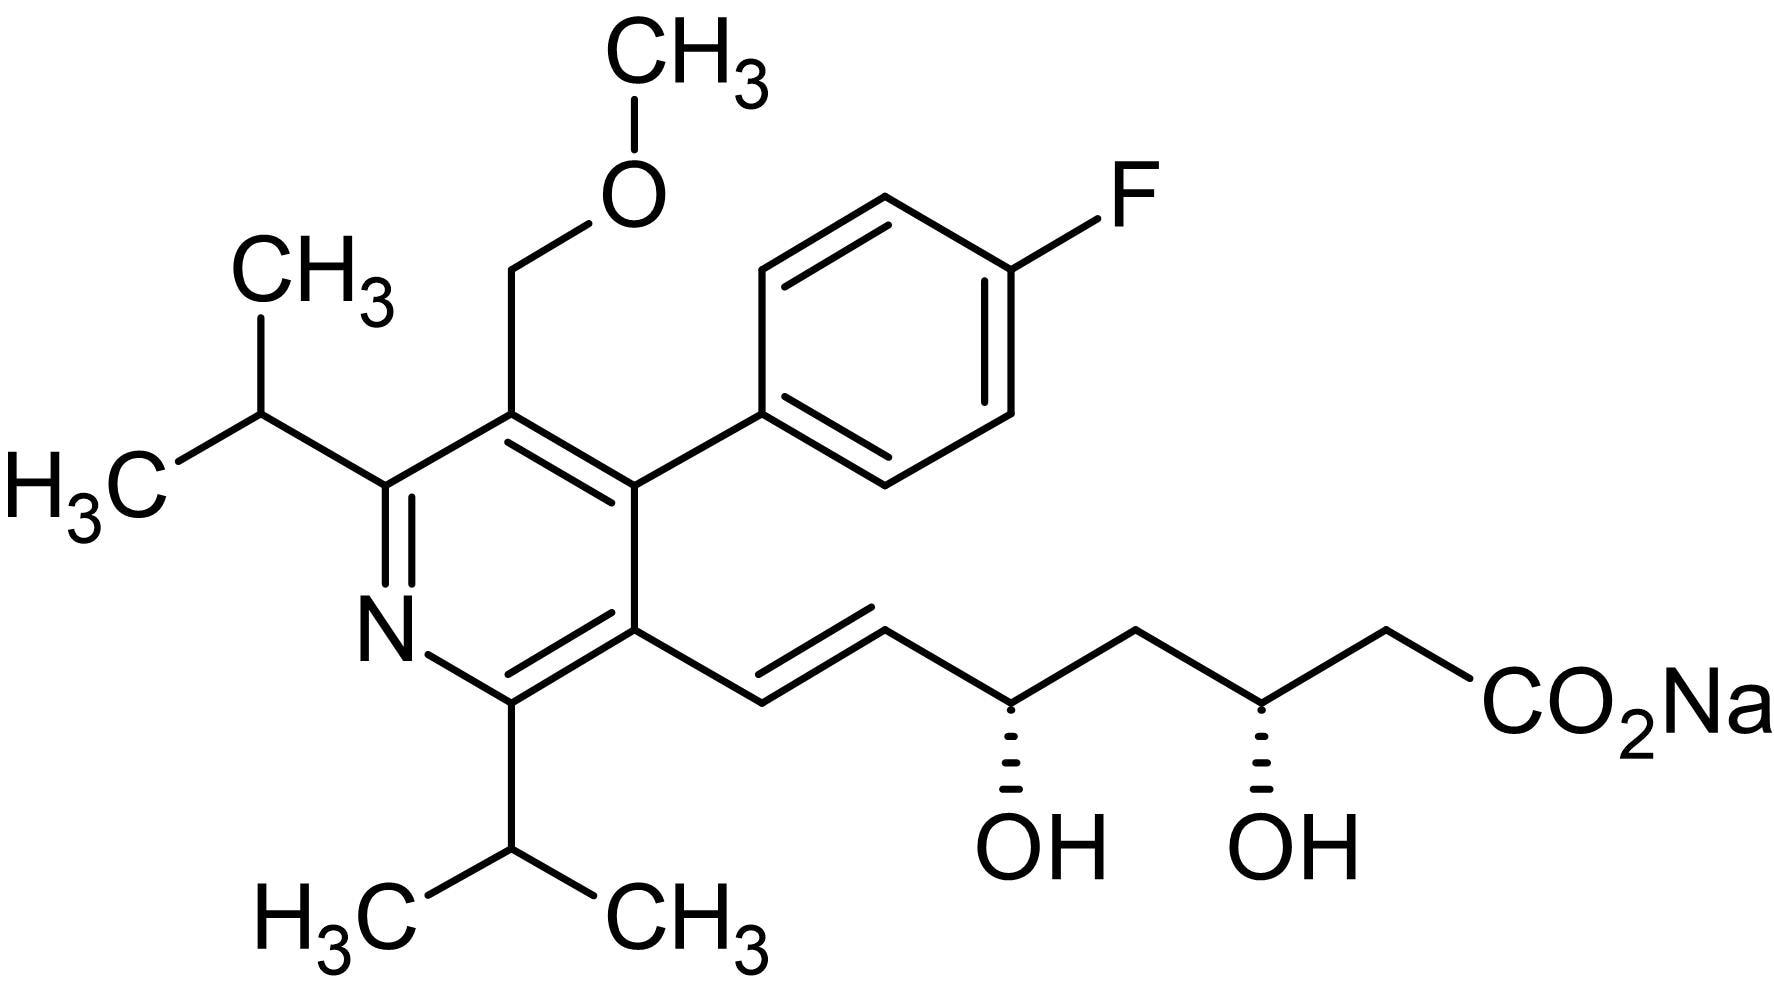 Chemical Structure - Cerivastatin sodium, HMG-CoA reductase inhibitor (ab142853)